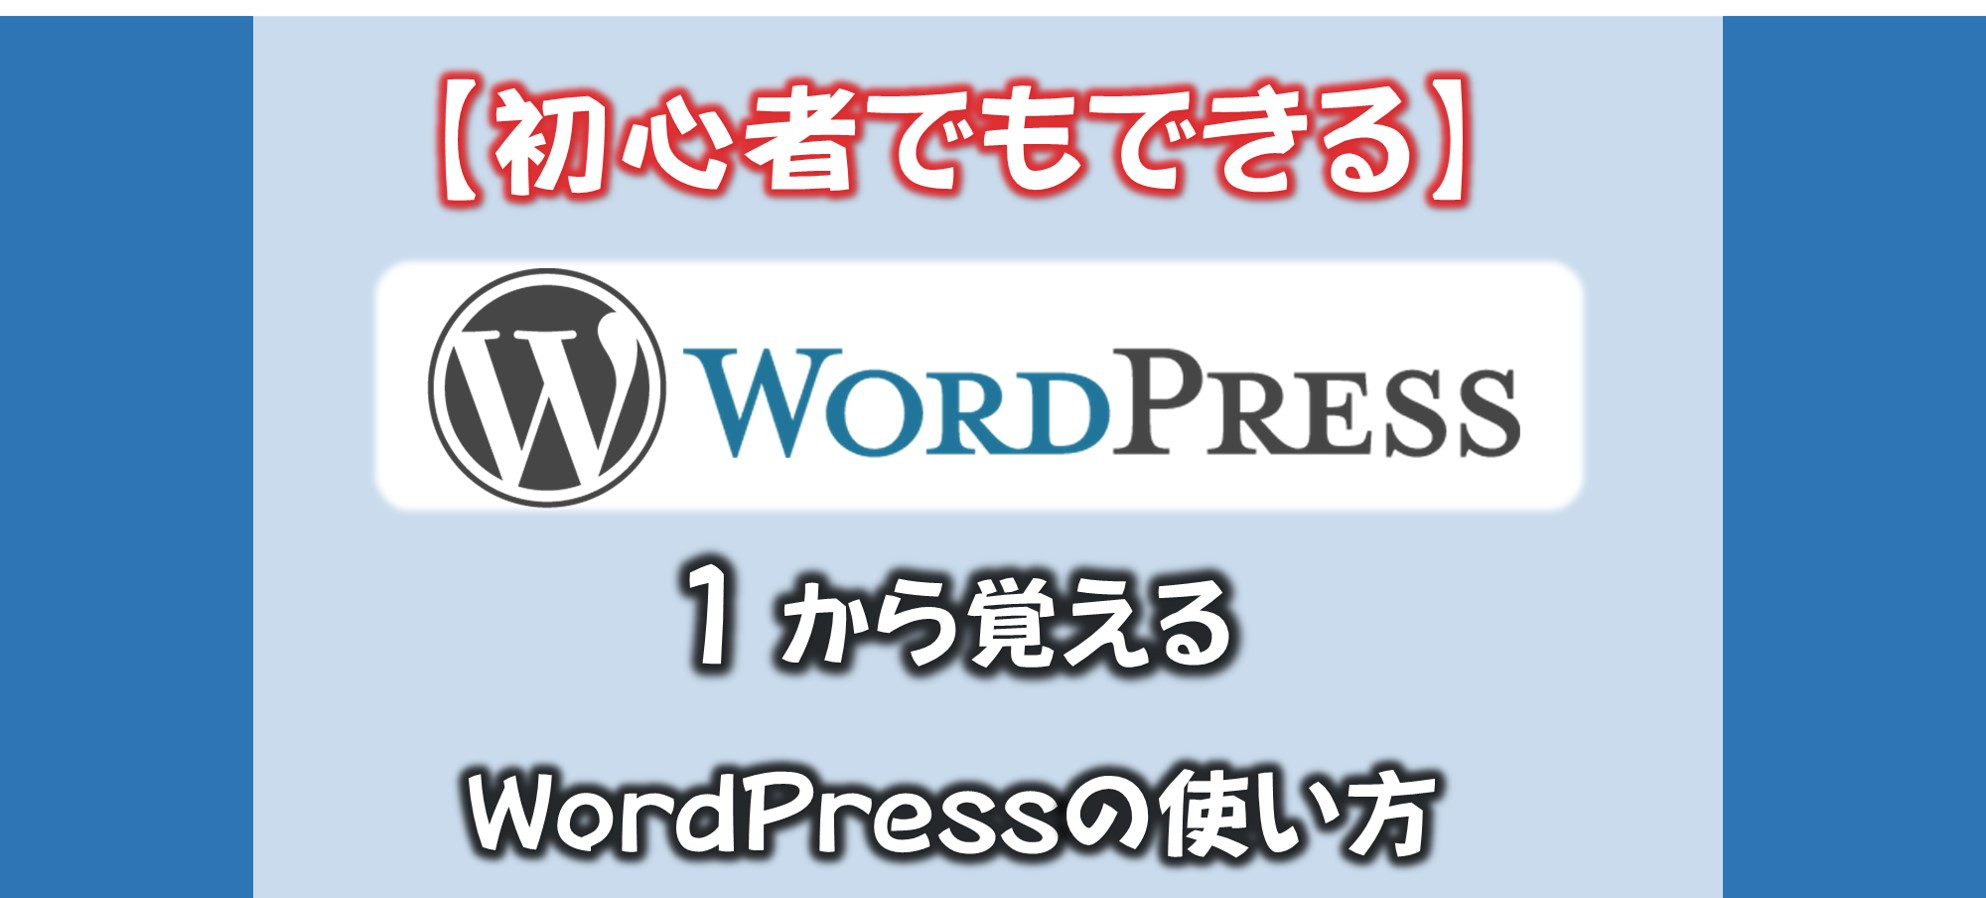 WordPressのはじめ方!初心者でも8ステップでブログを収益化